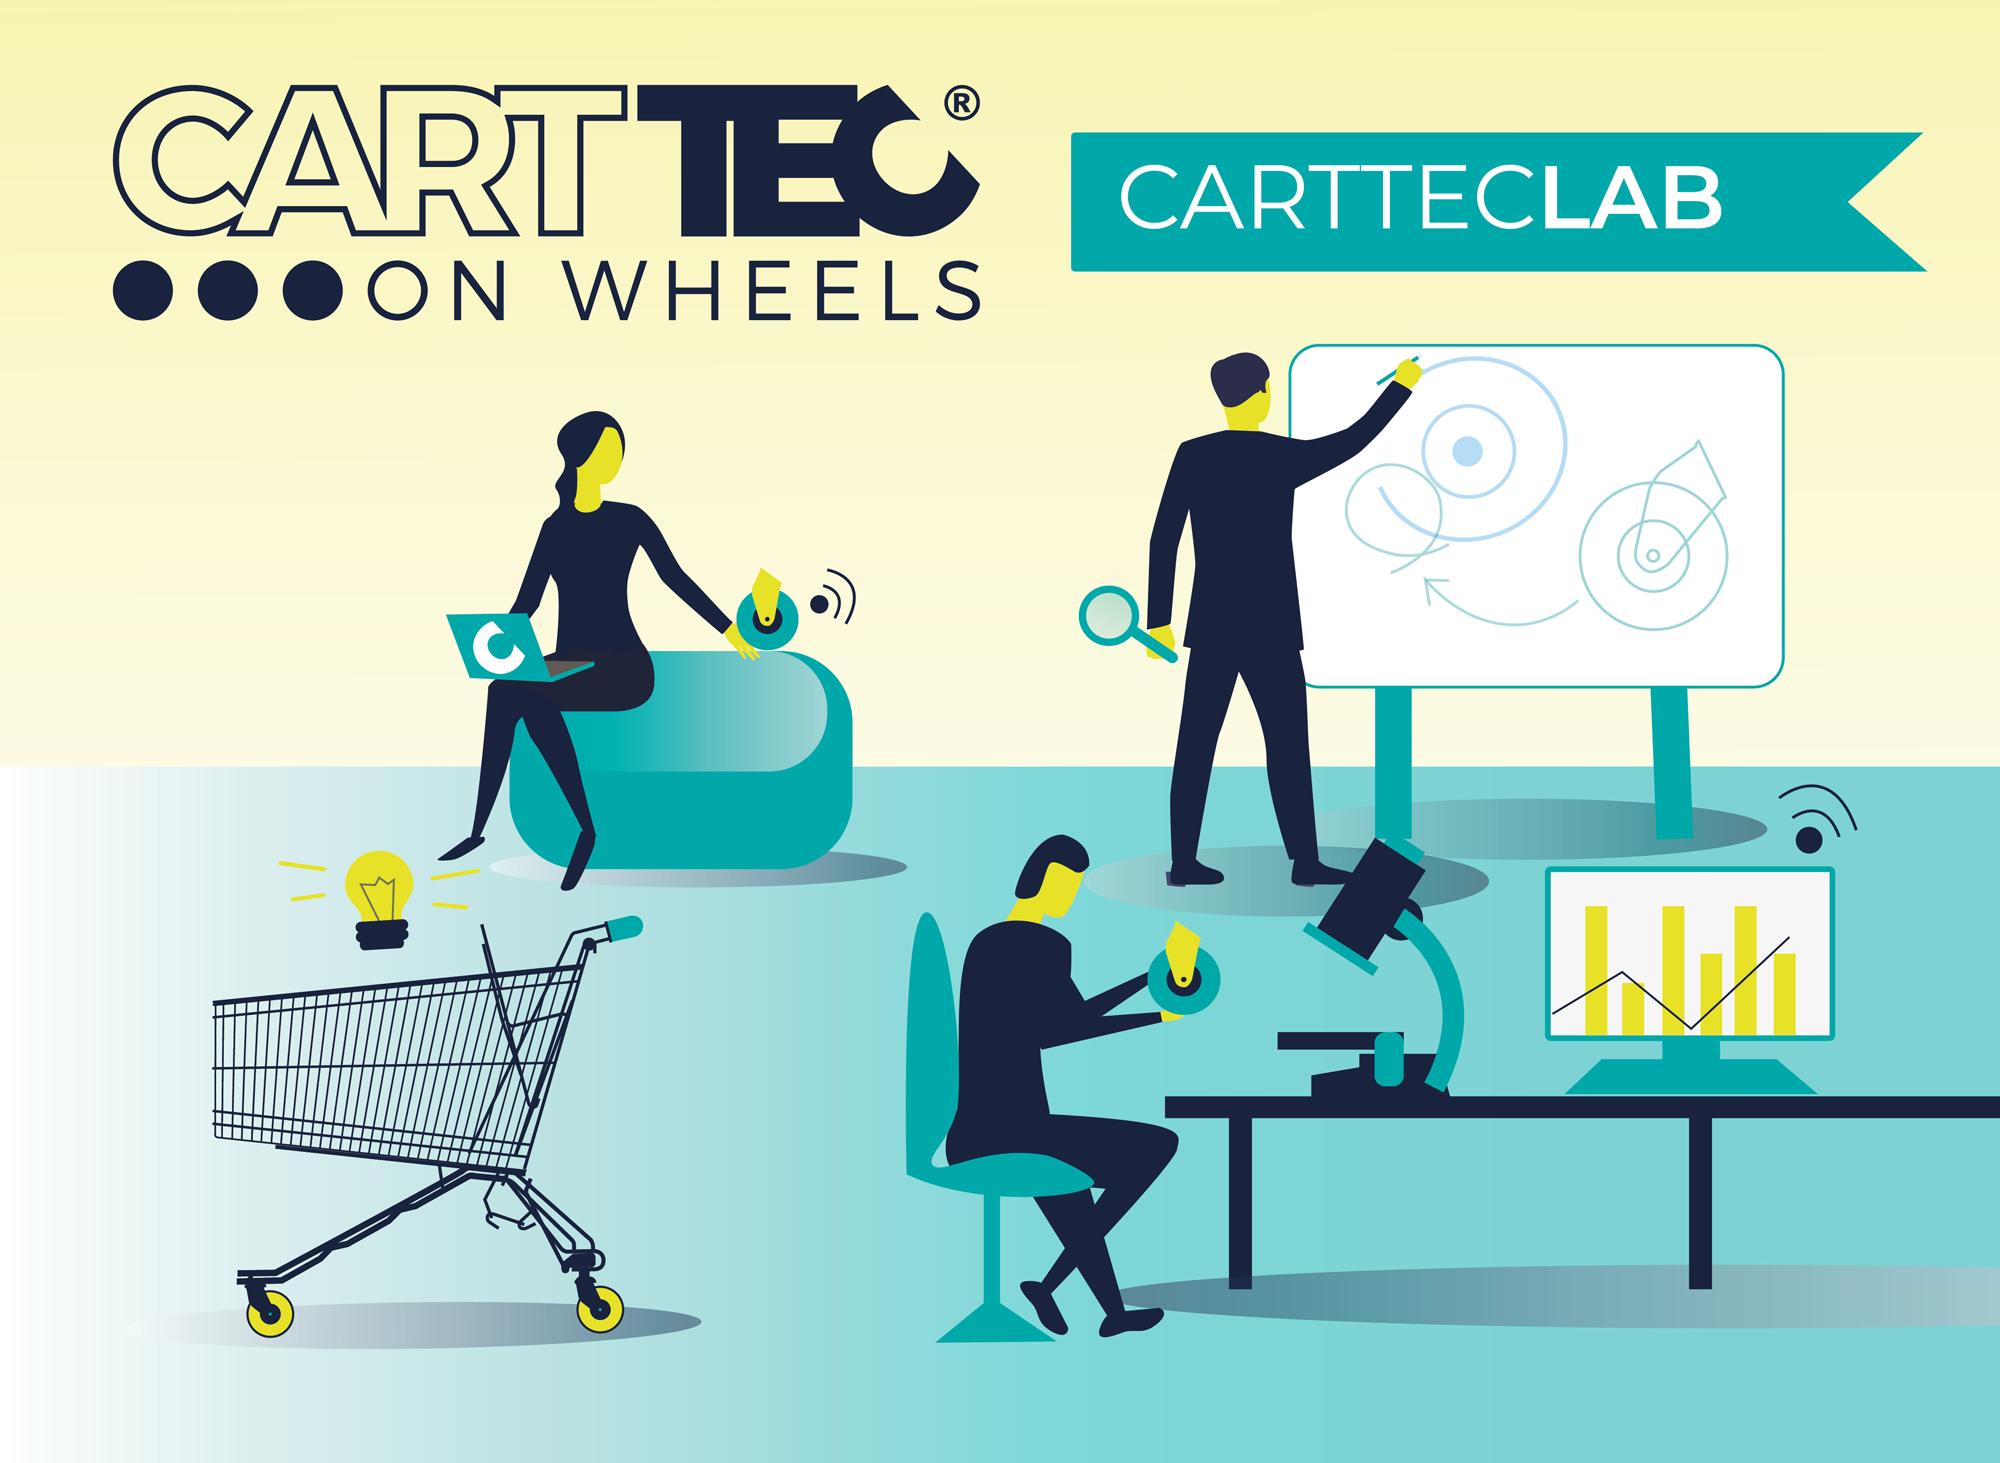 La prensa internacional se hace eco de la innovación de Carttec